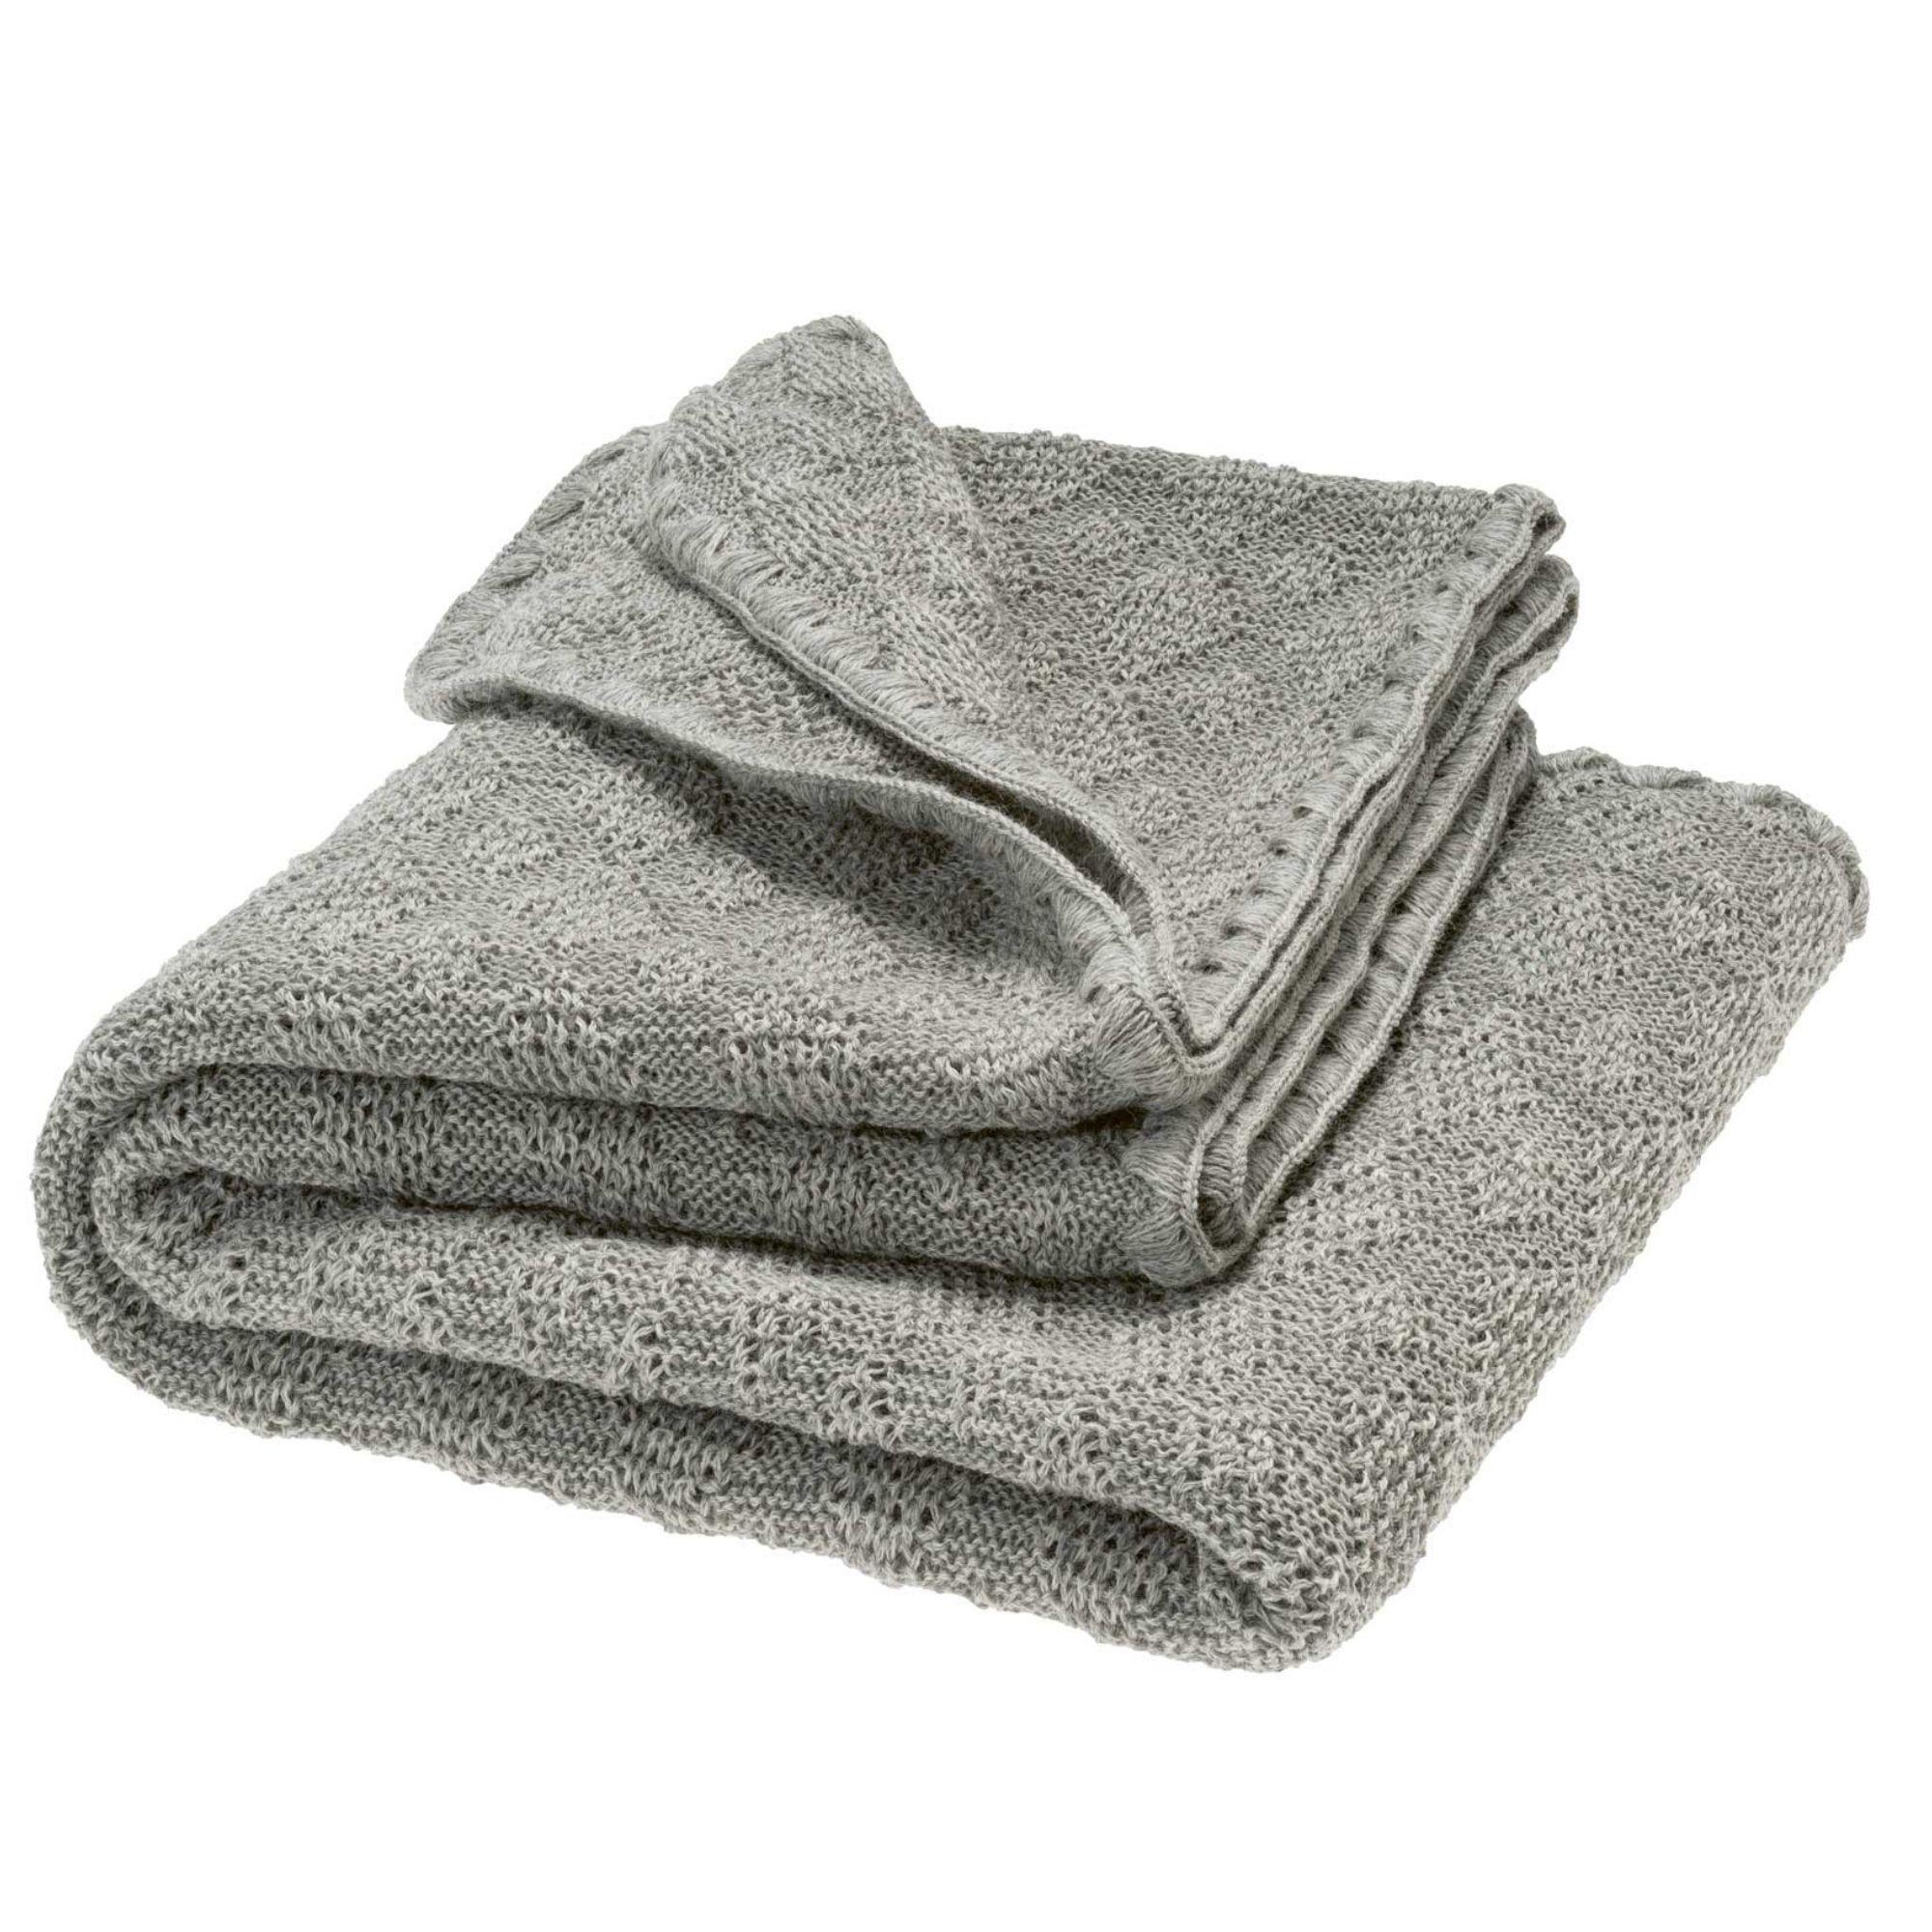 DISANA - Couverture tricotée - Laine mérinos - GRISE - ORIGINALE